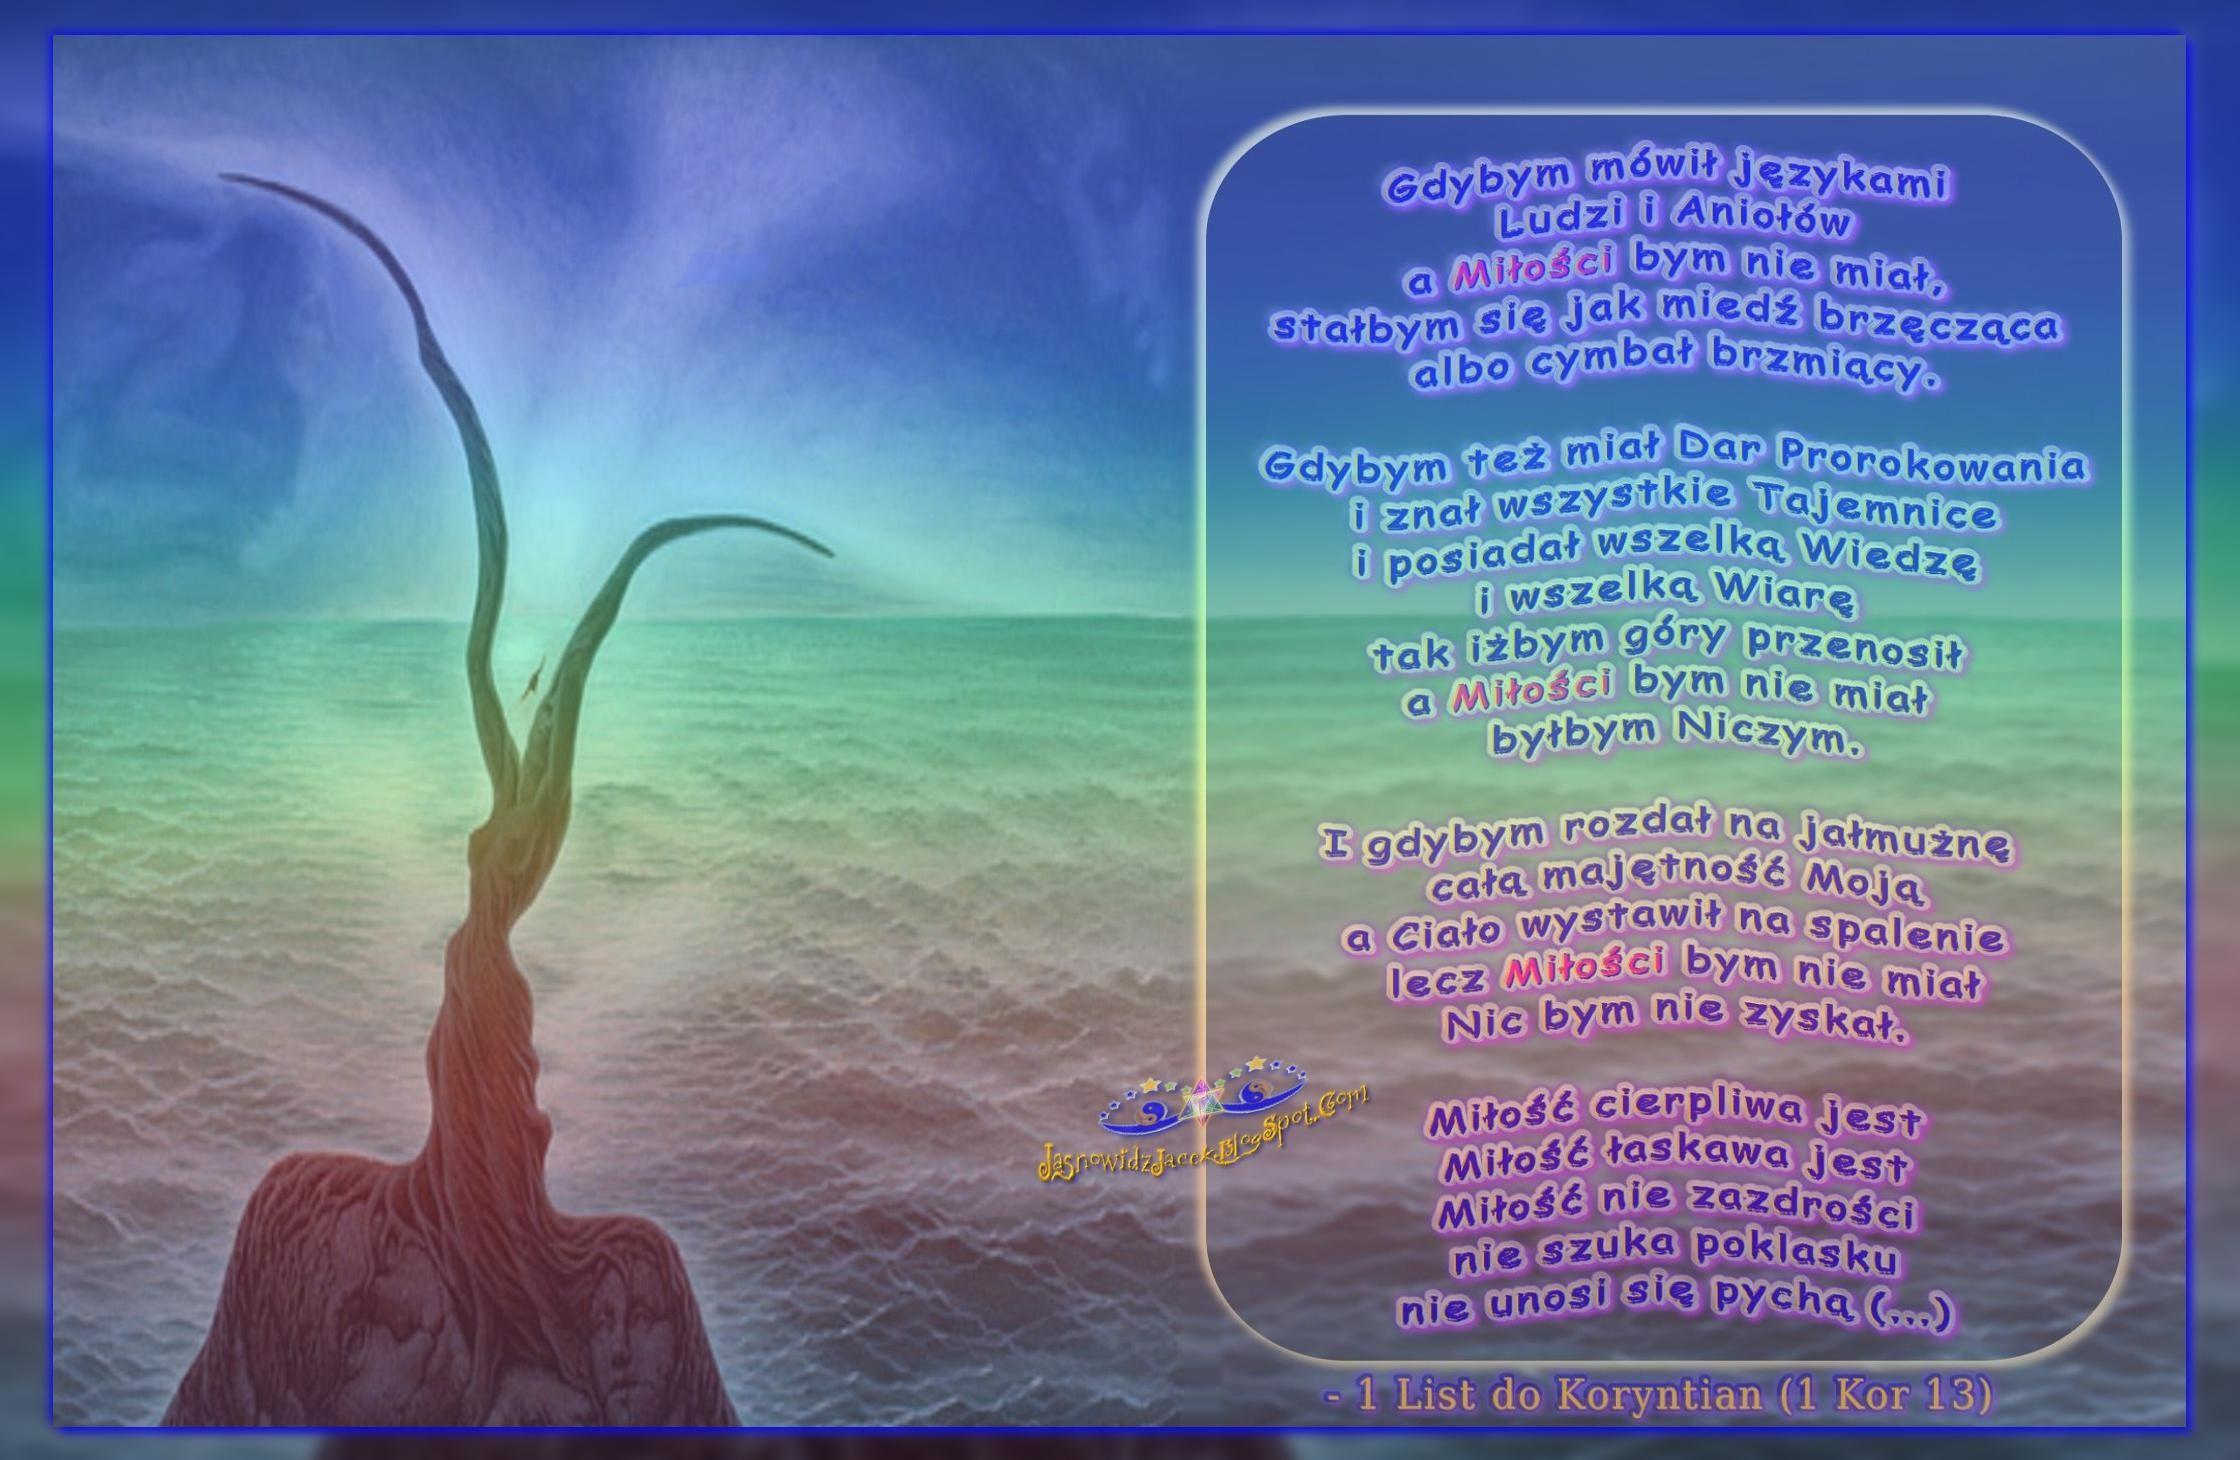 Gdybym mówił Językami Ludzi i Aniołów a Miłości bym nie miał stałbym się jak miedź brzęcząca albo cymbał brzmiący - 1 List do Koryntian 13